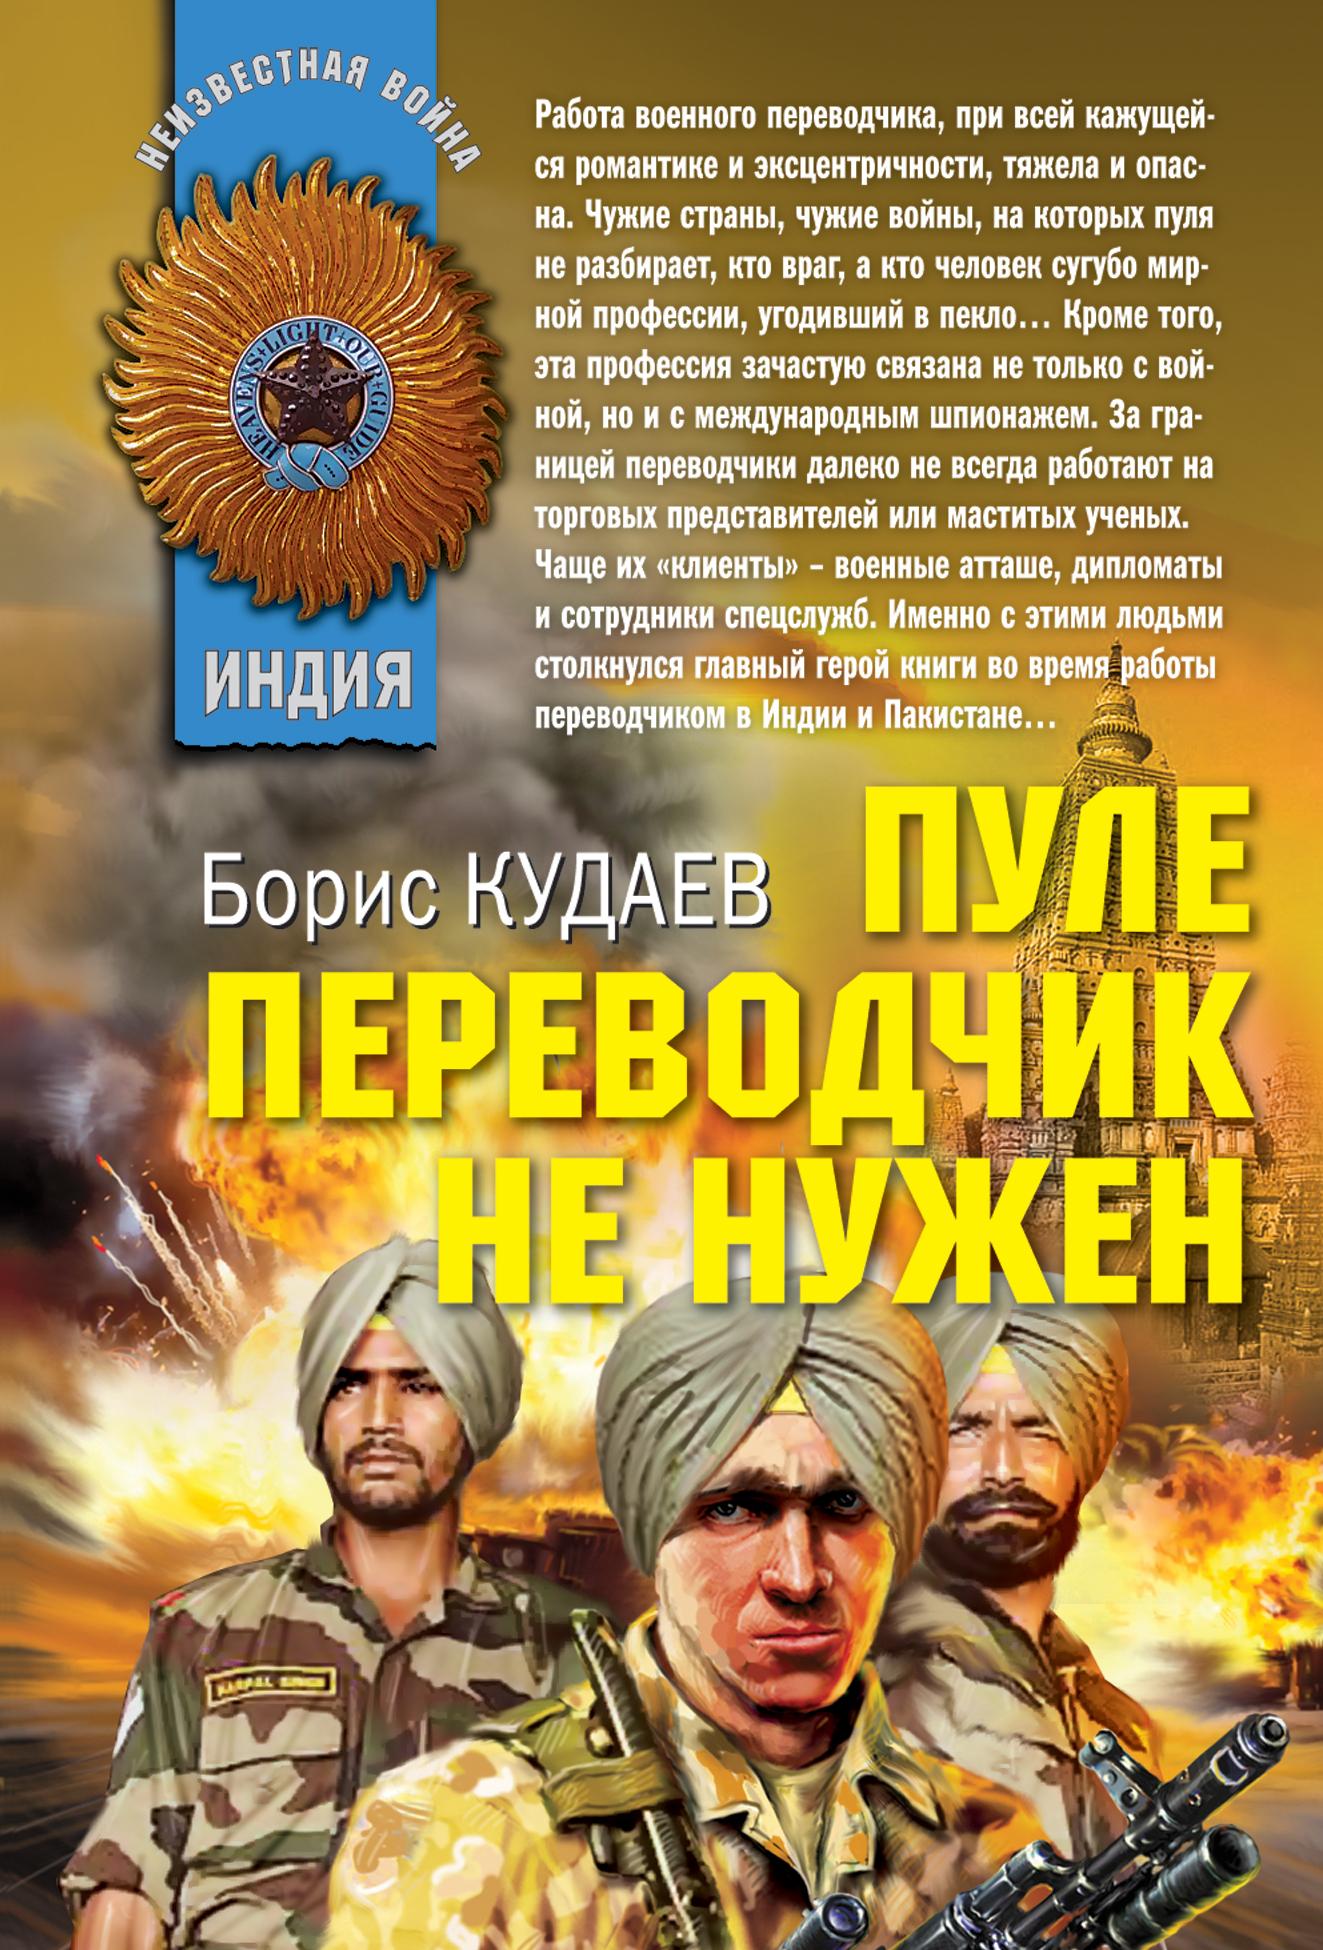 Борис Кудаев Пуле переводчик не нужен а борщаговский не чужие